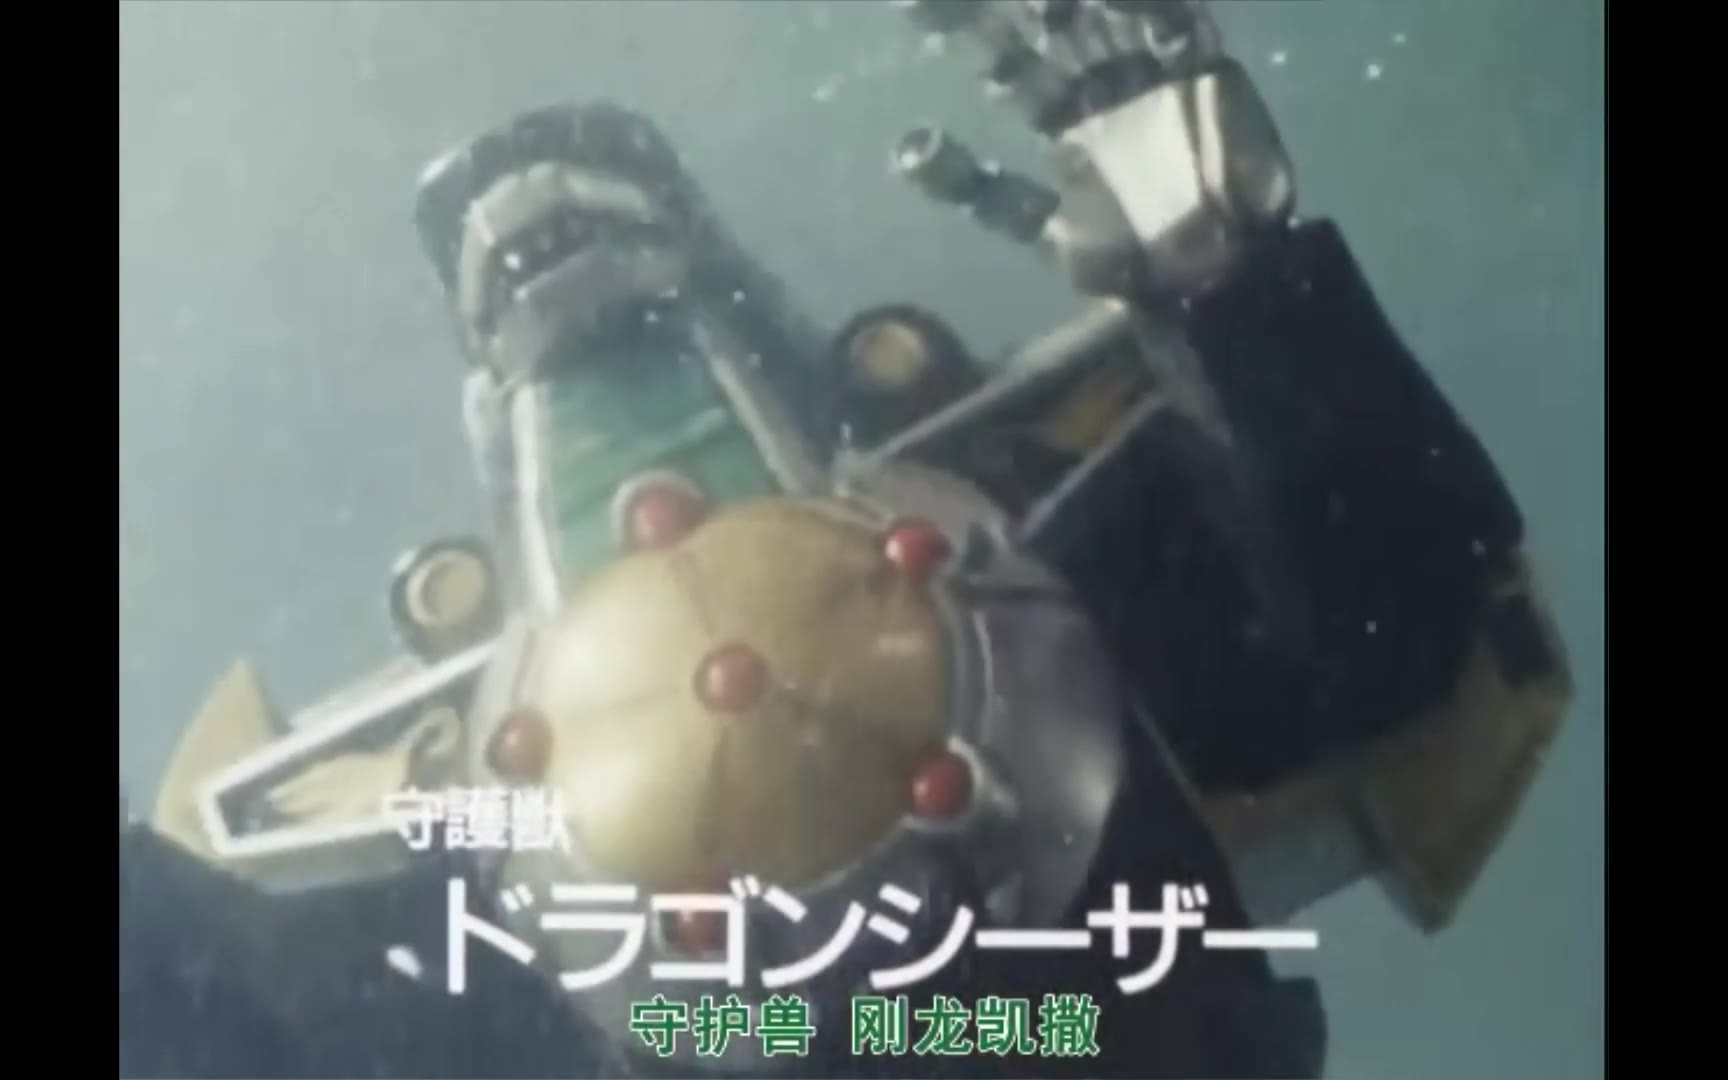 超级战队系列 追加番外 战士/机械 登场战斗必杀 (合集A)